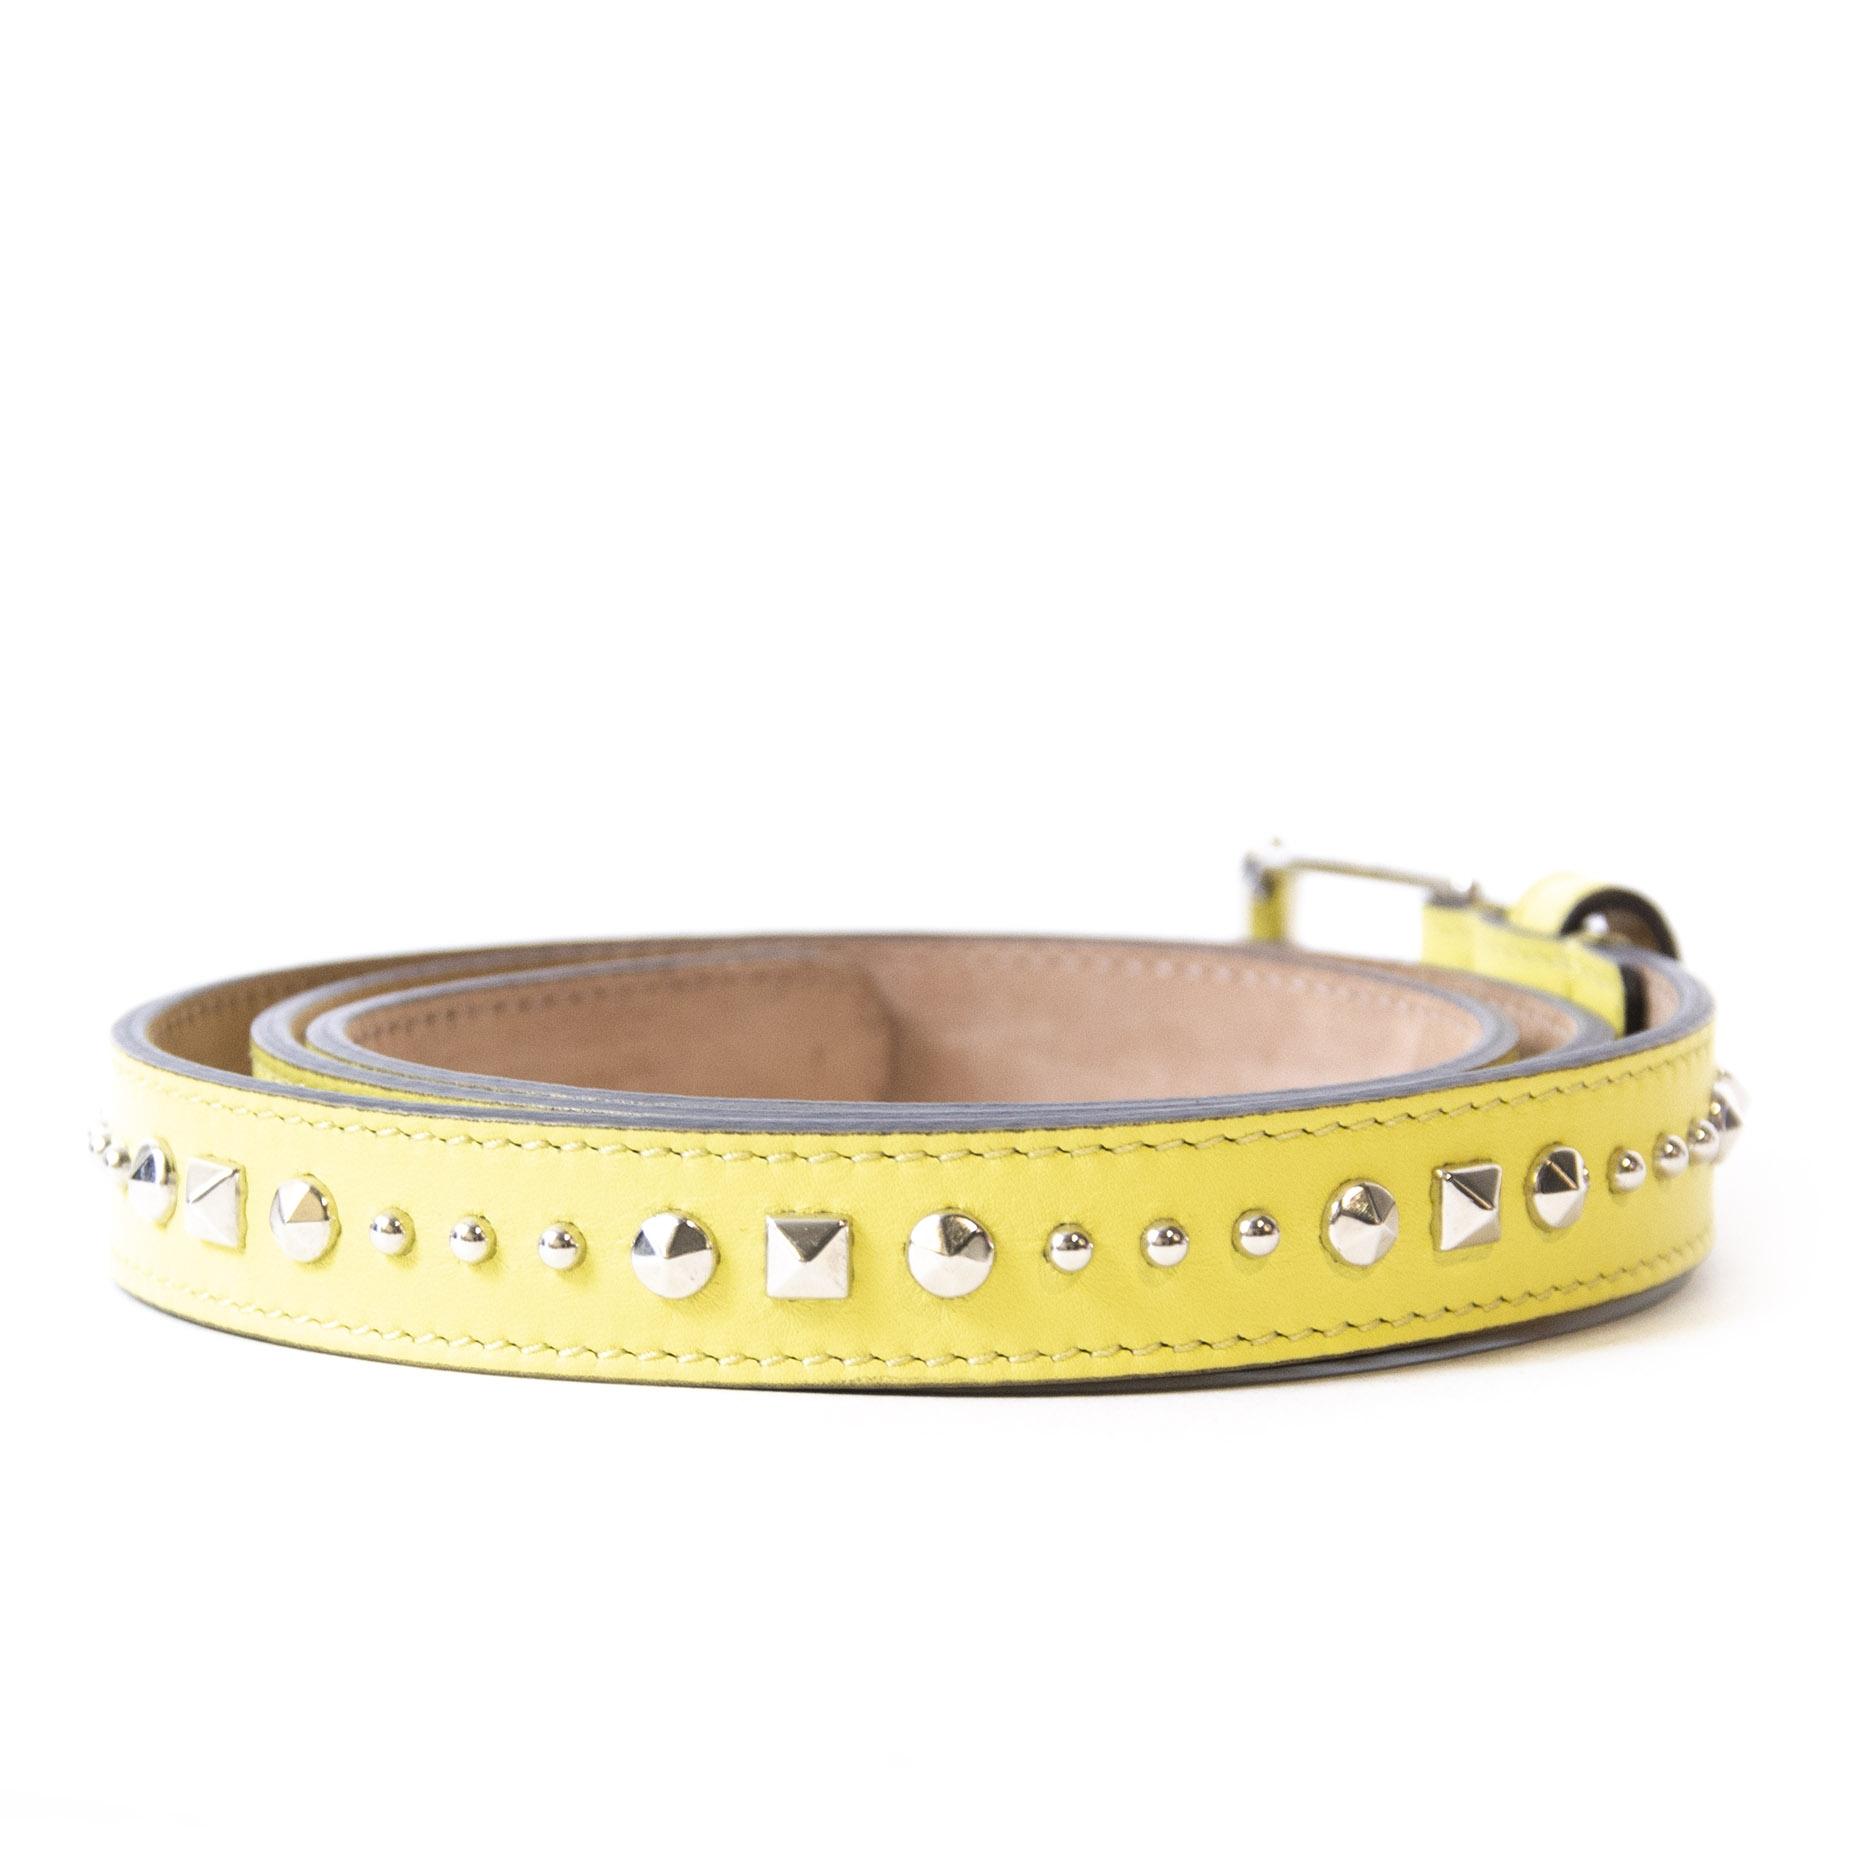 Authentieke Tweedehands Gucci Yellow Lime Leather Stud Belt - Size 95 juiste prijs veilig online shoppen luxe merken webshop winkelen Antwerpen België mode fashion